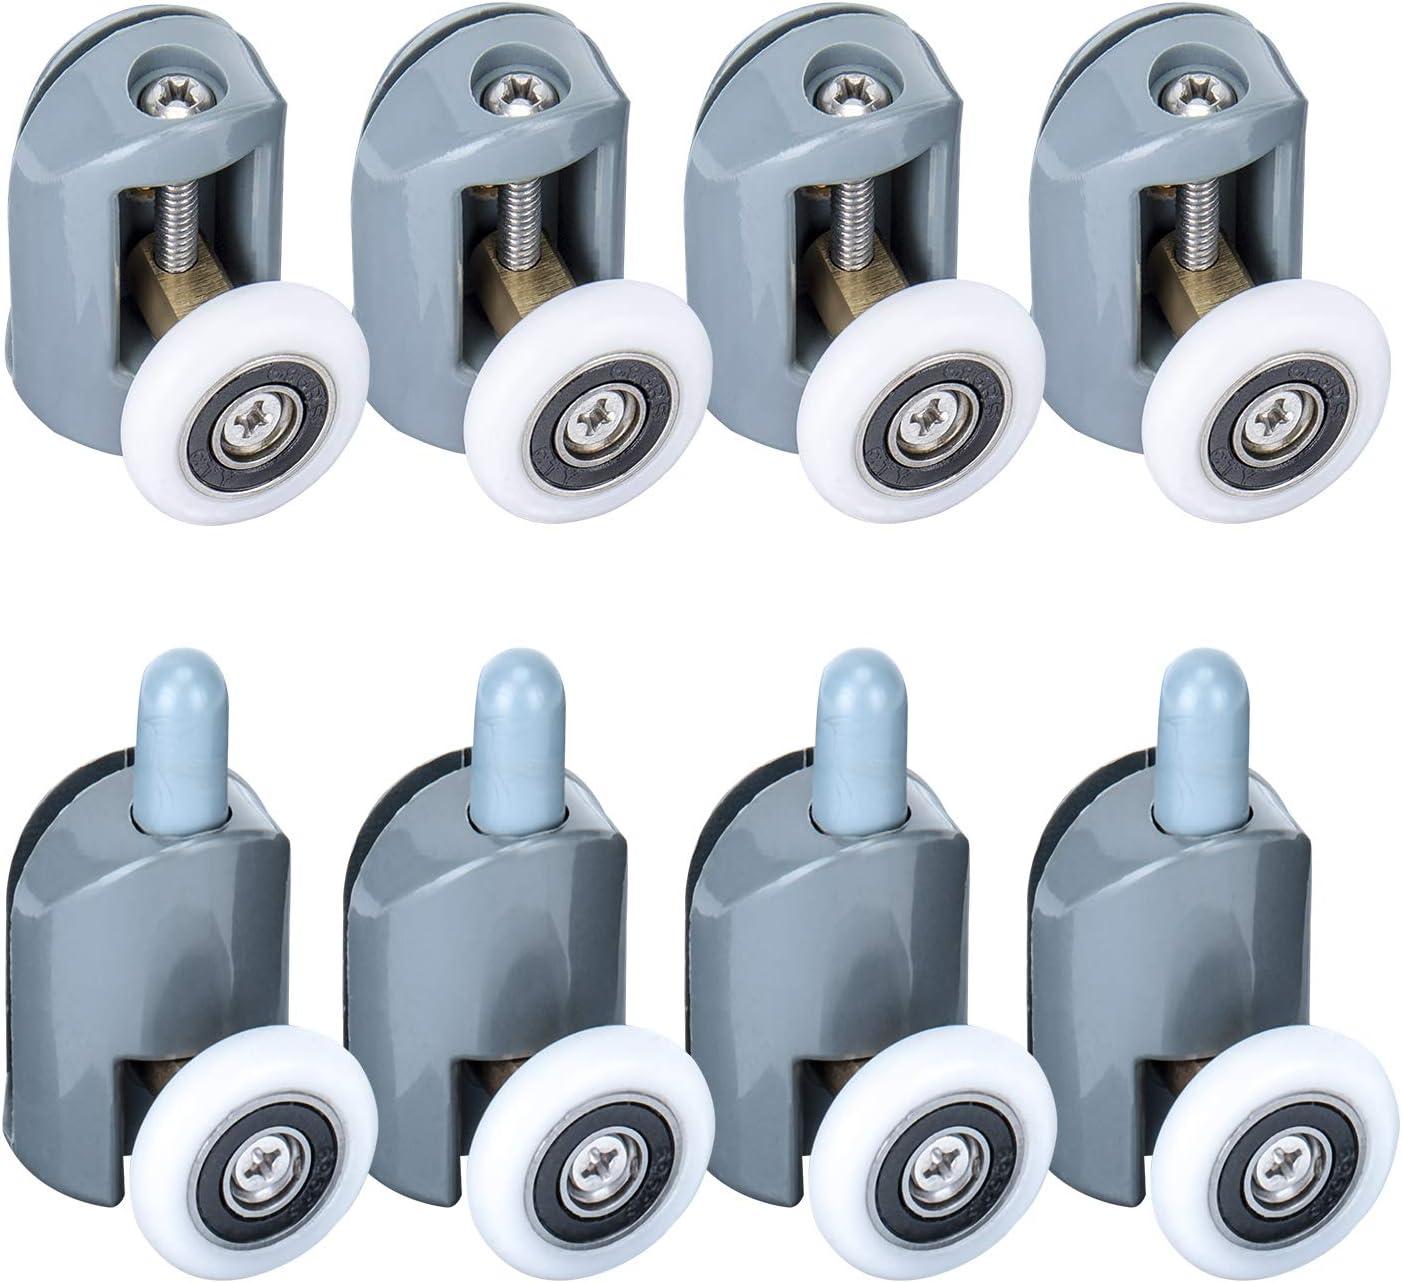 LESOLEIL Nylon Acero inoxidable ABS Cabina de ducha de plástico Cabinas de ducha Rodillos de repuesto 8 piezas 25mm